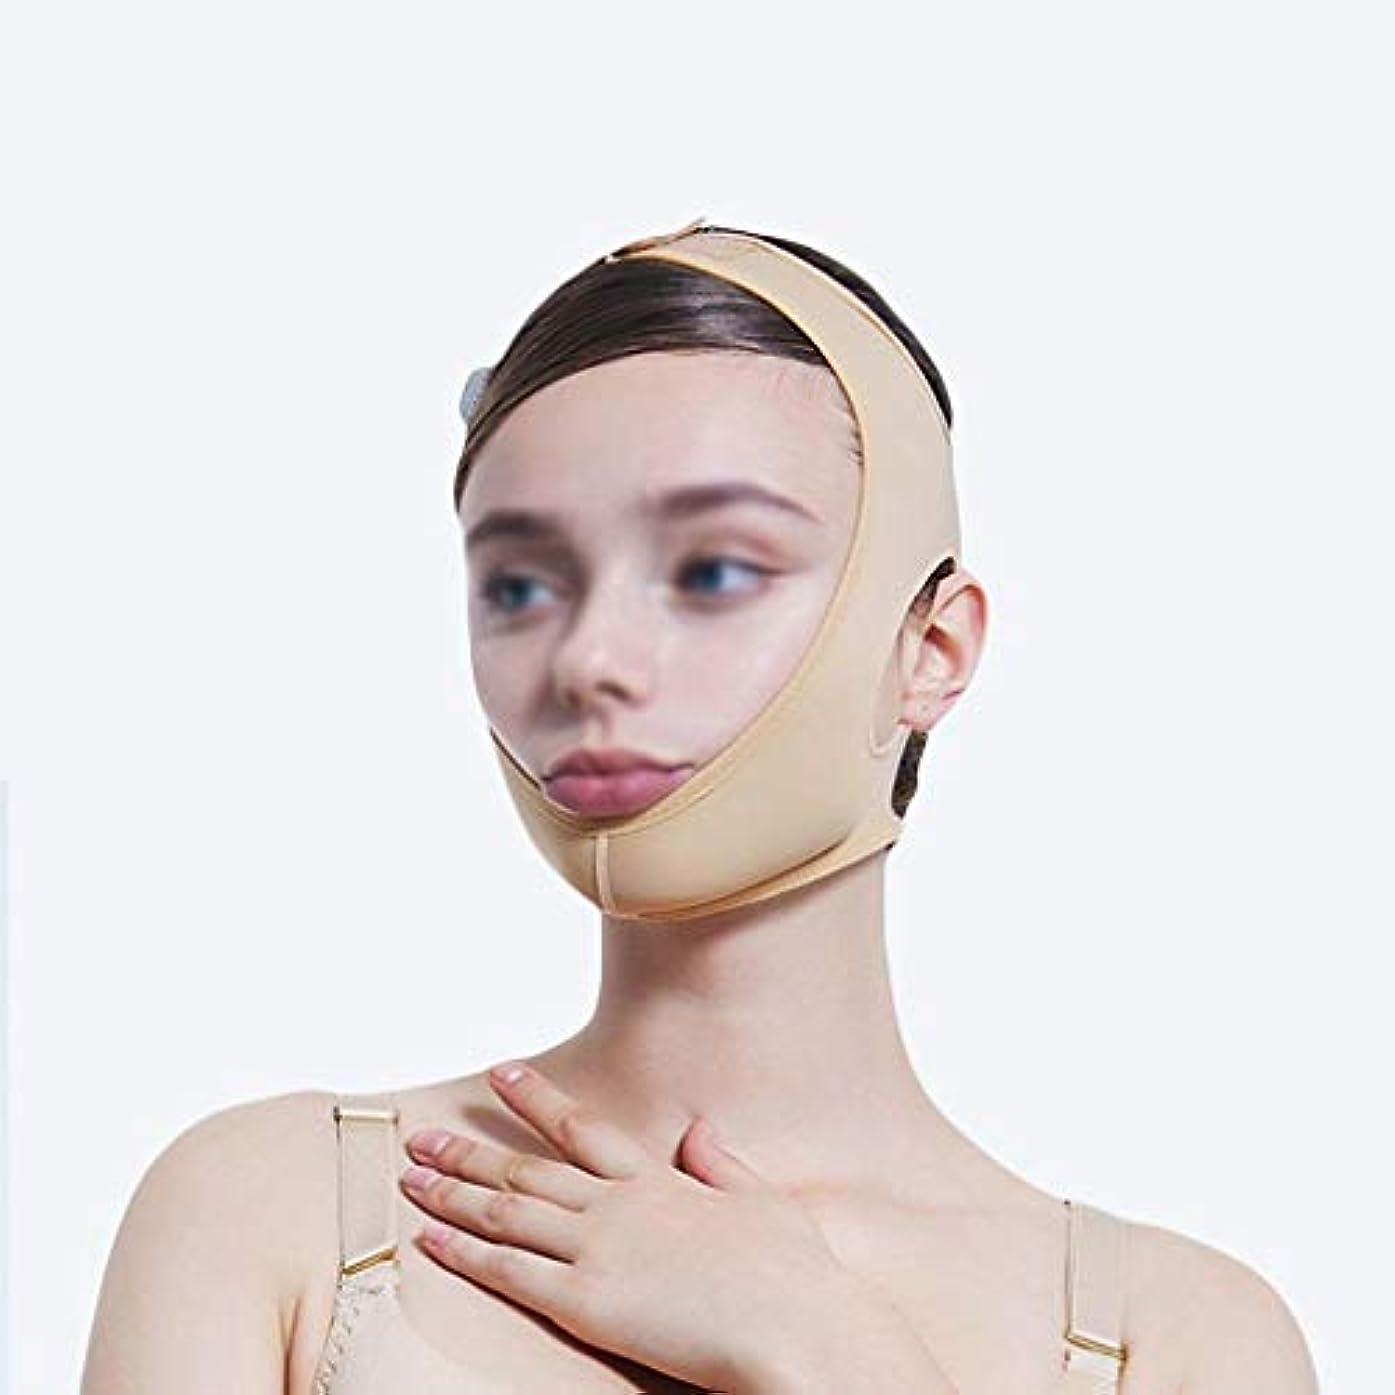 ハッチ富豪シュリンクフェイシャルライン、頬、しわ防止フェイシャル減量、フェイスバンド、フェイスマスク、フェイスリフティング、通気性、ダブルチンストラップ(サイズ:XXL),XS